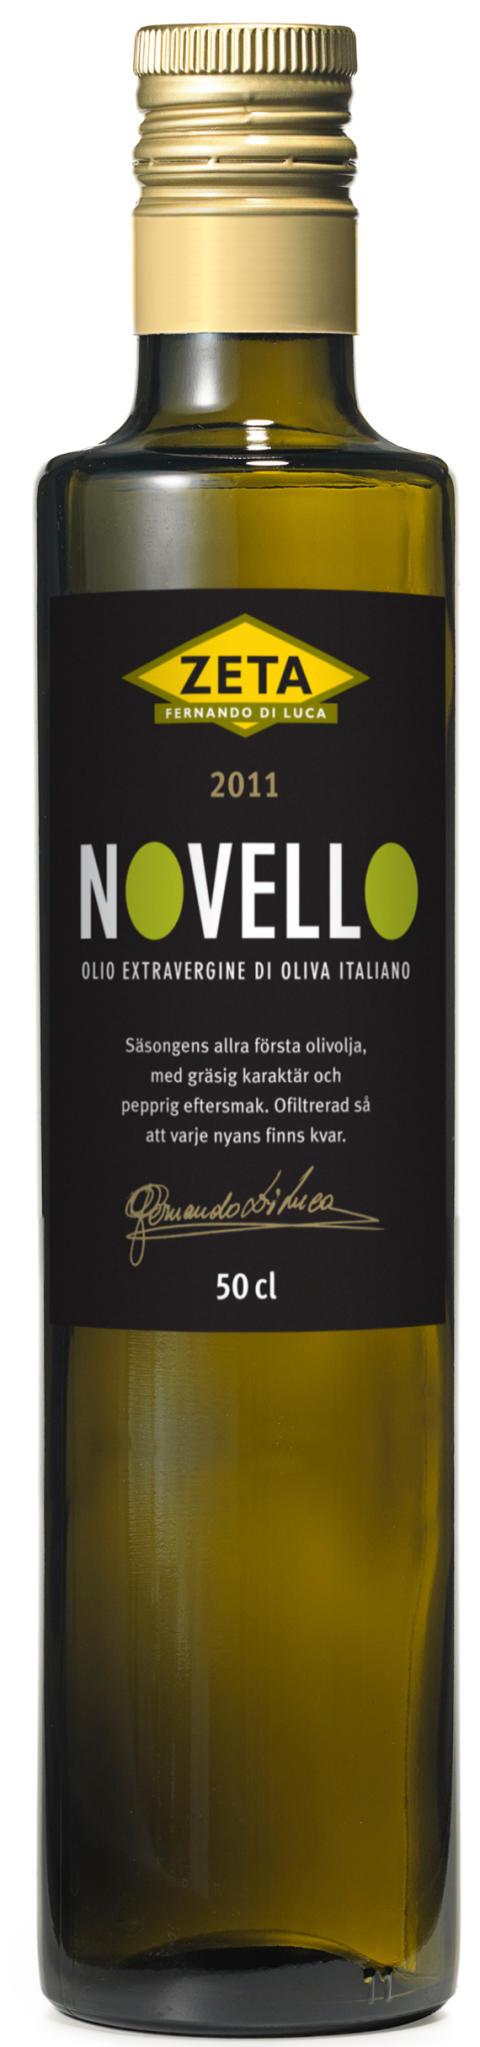 Zeta Novello 2011